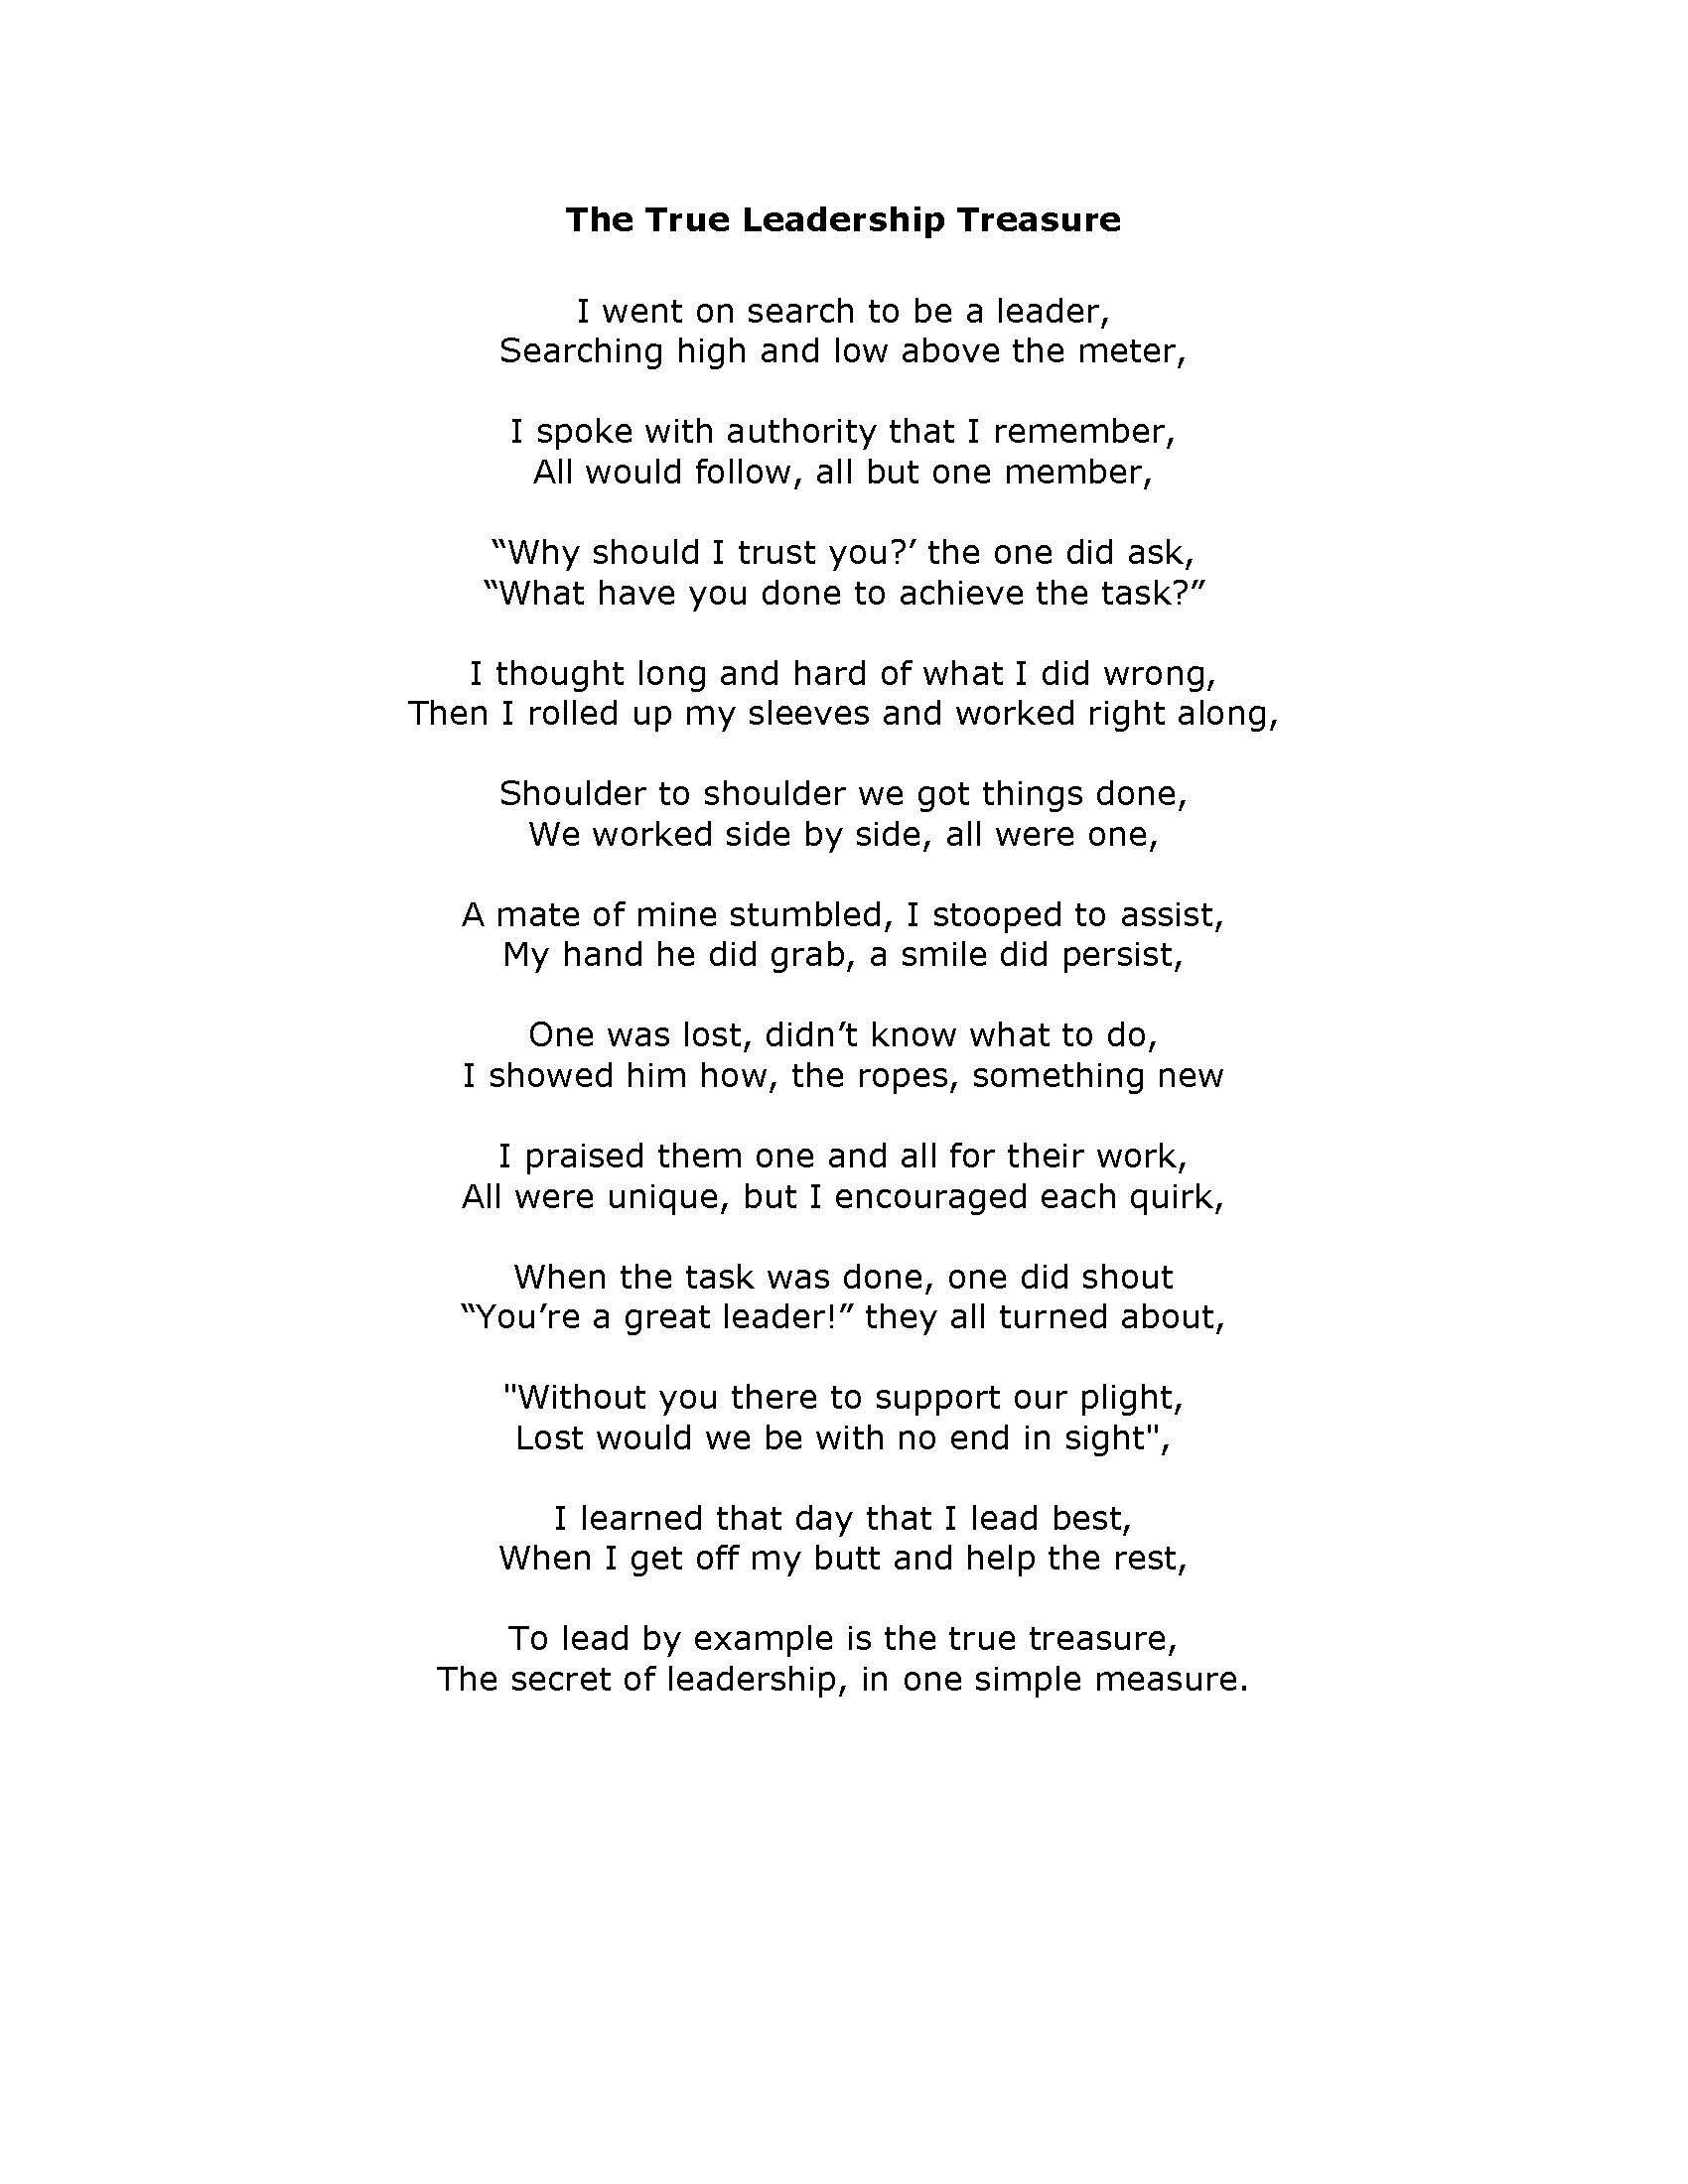 leadership poem - the true leadership treasure | eagle scout